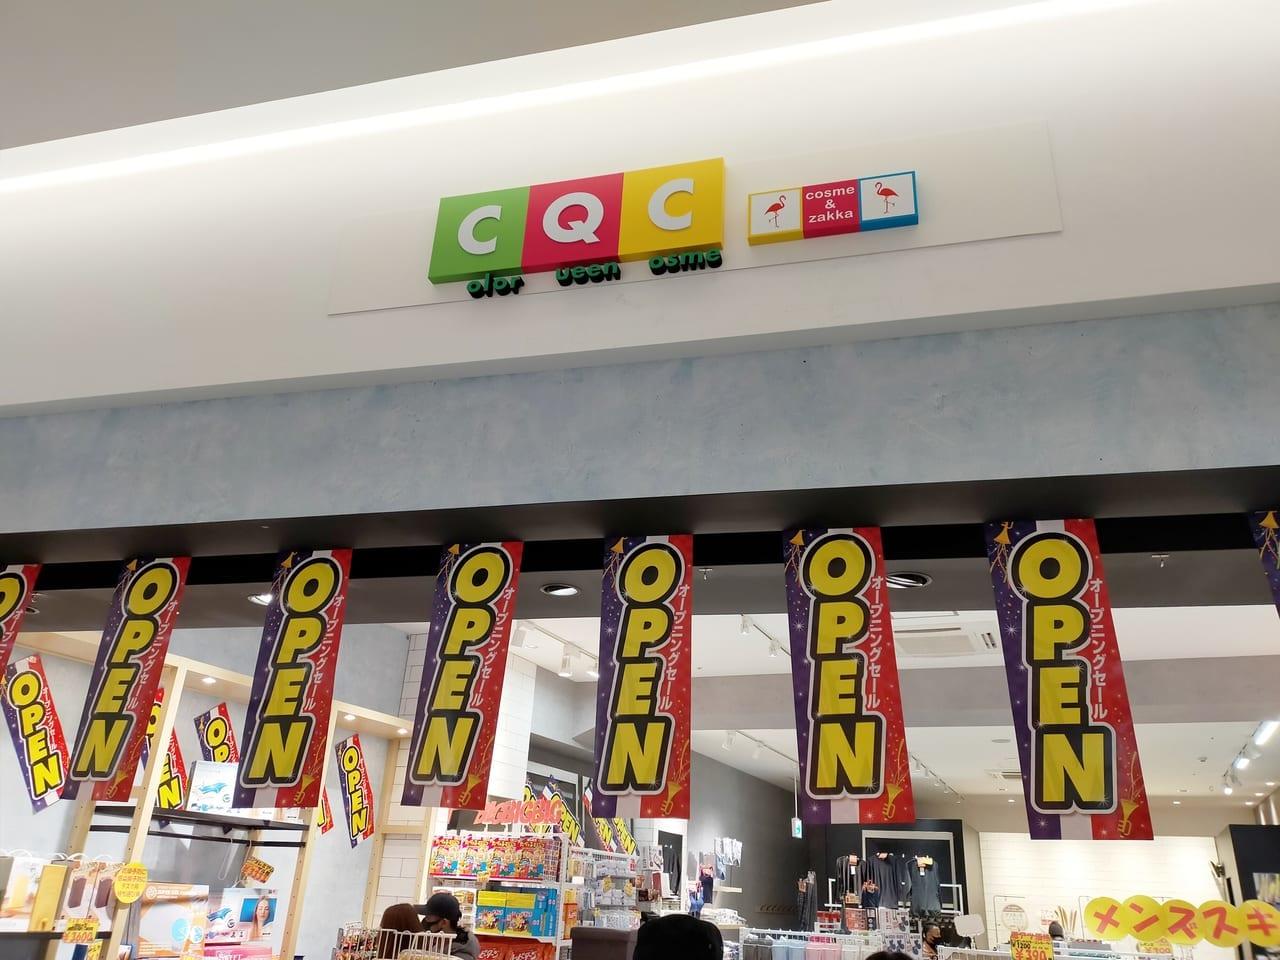 「鬼滅の刃」グッズも!韓国コスメ、食器、食品などなど話題の商品が揃う雑貨店「Color Queen Cosme」がららぽーと湘南平塚2Fに2021年12月25日(金)オープン!